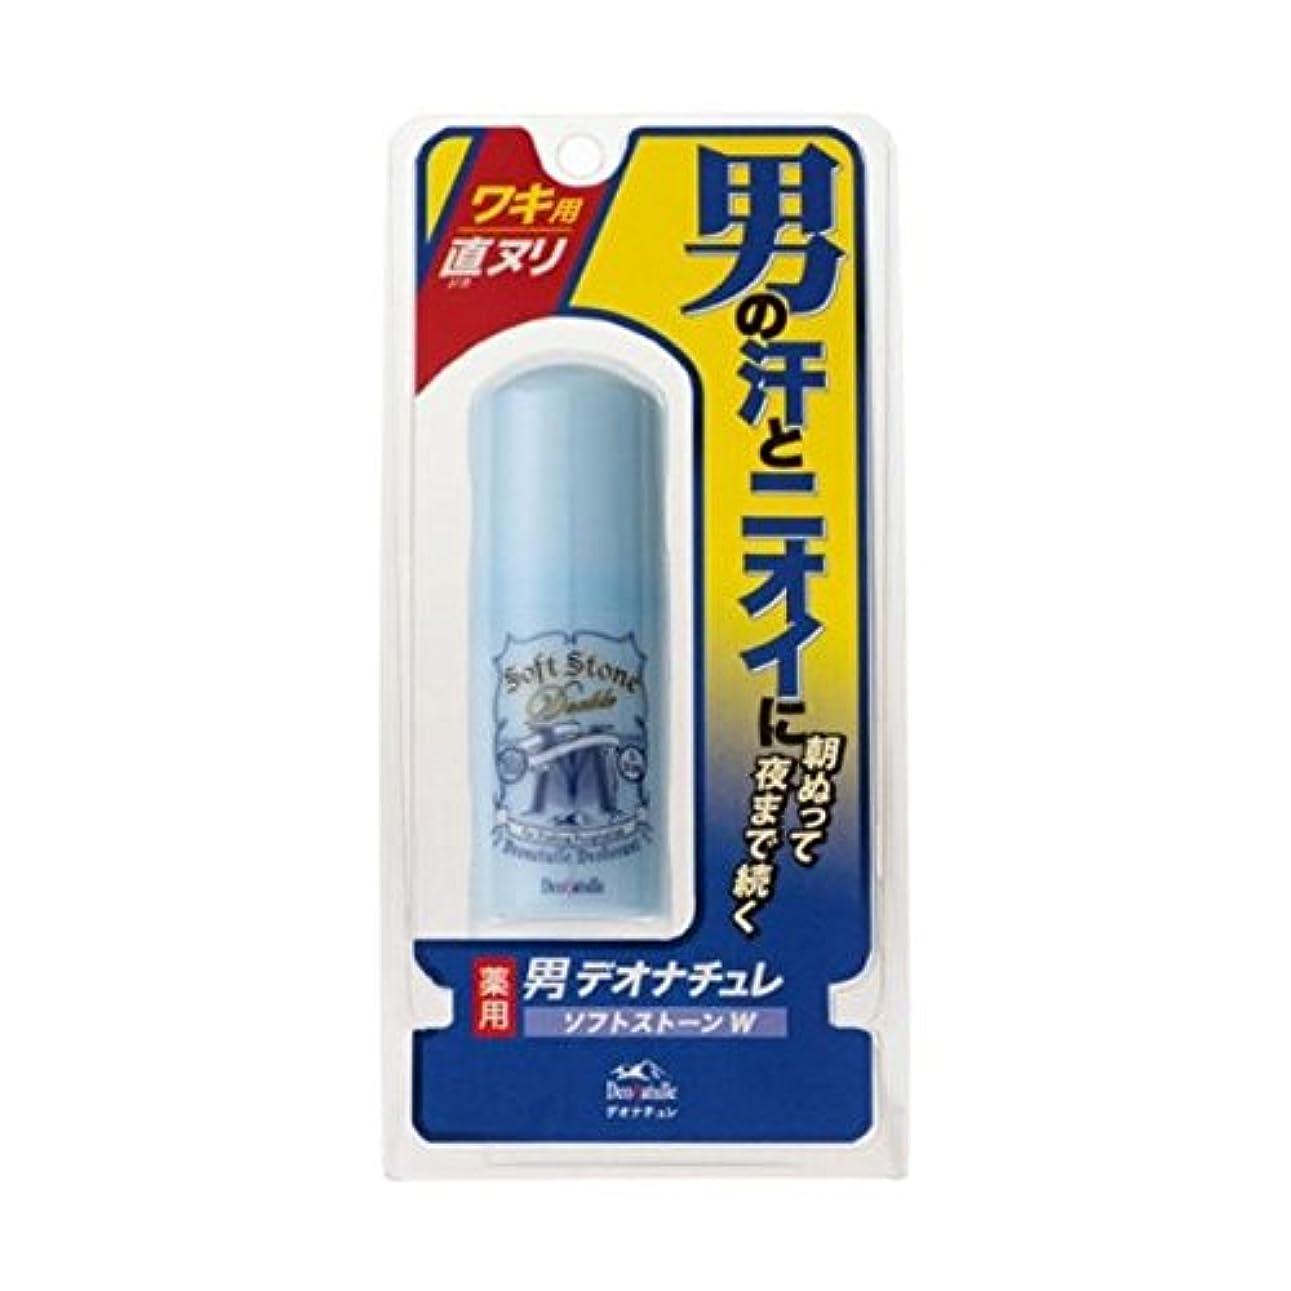 シロナガスクジラネコうぬぼれたデオナチュレ 男ソフトストーン20Gx3個セット (4971825011747)